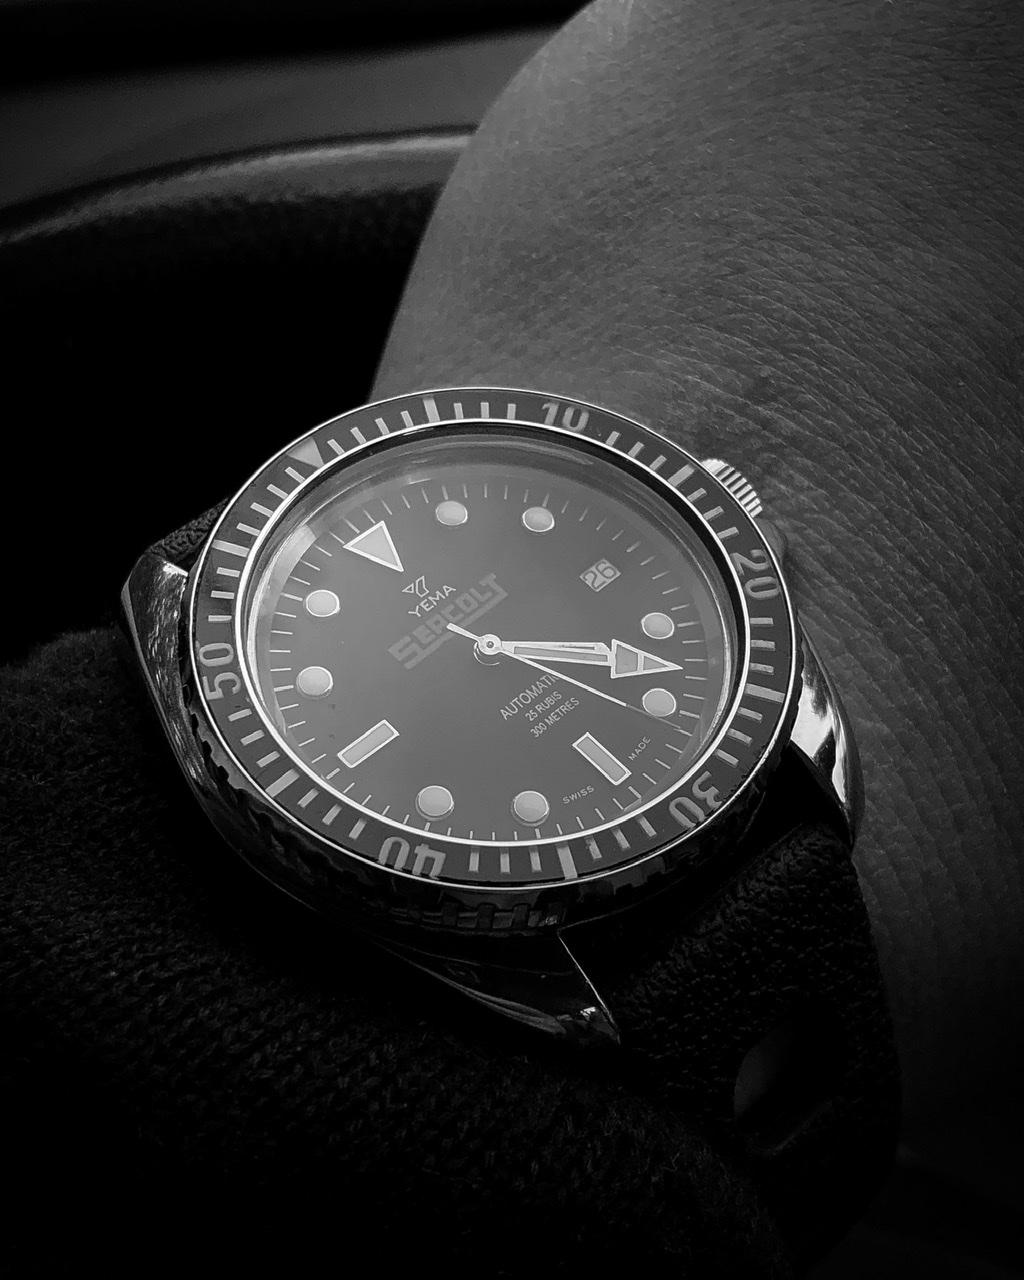 La montre du vendredi, le TGIF watch! - Page 5 932be110